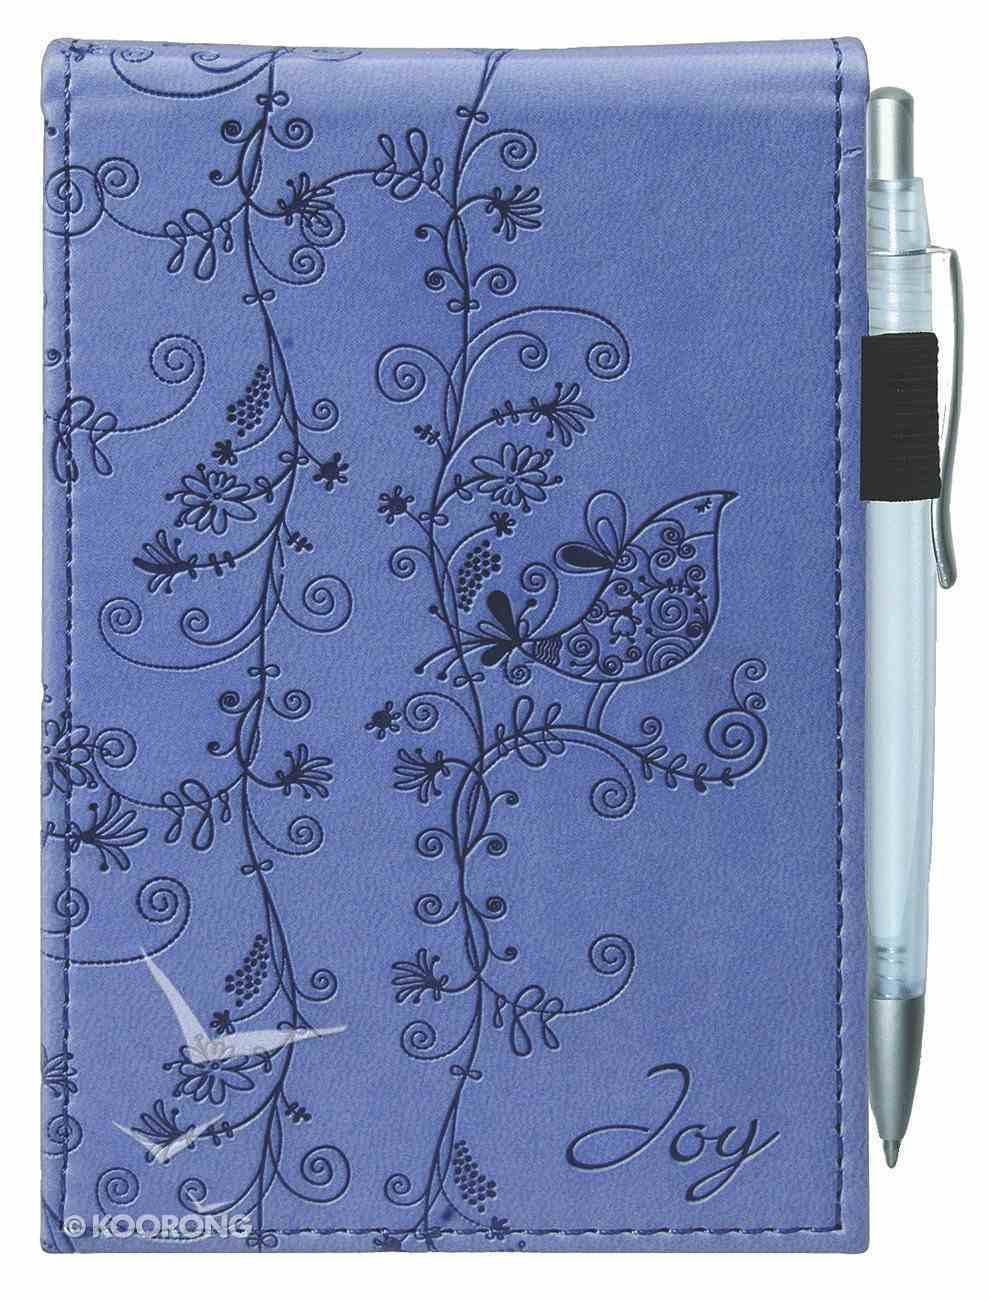 Pocket Notepad With Pen: Joy Luxleather Imitation Leather